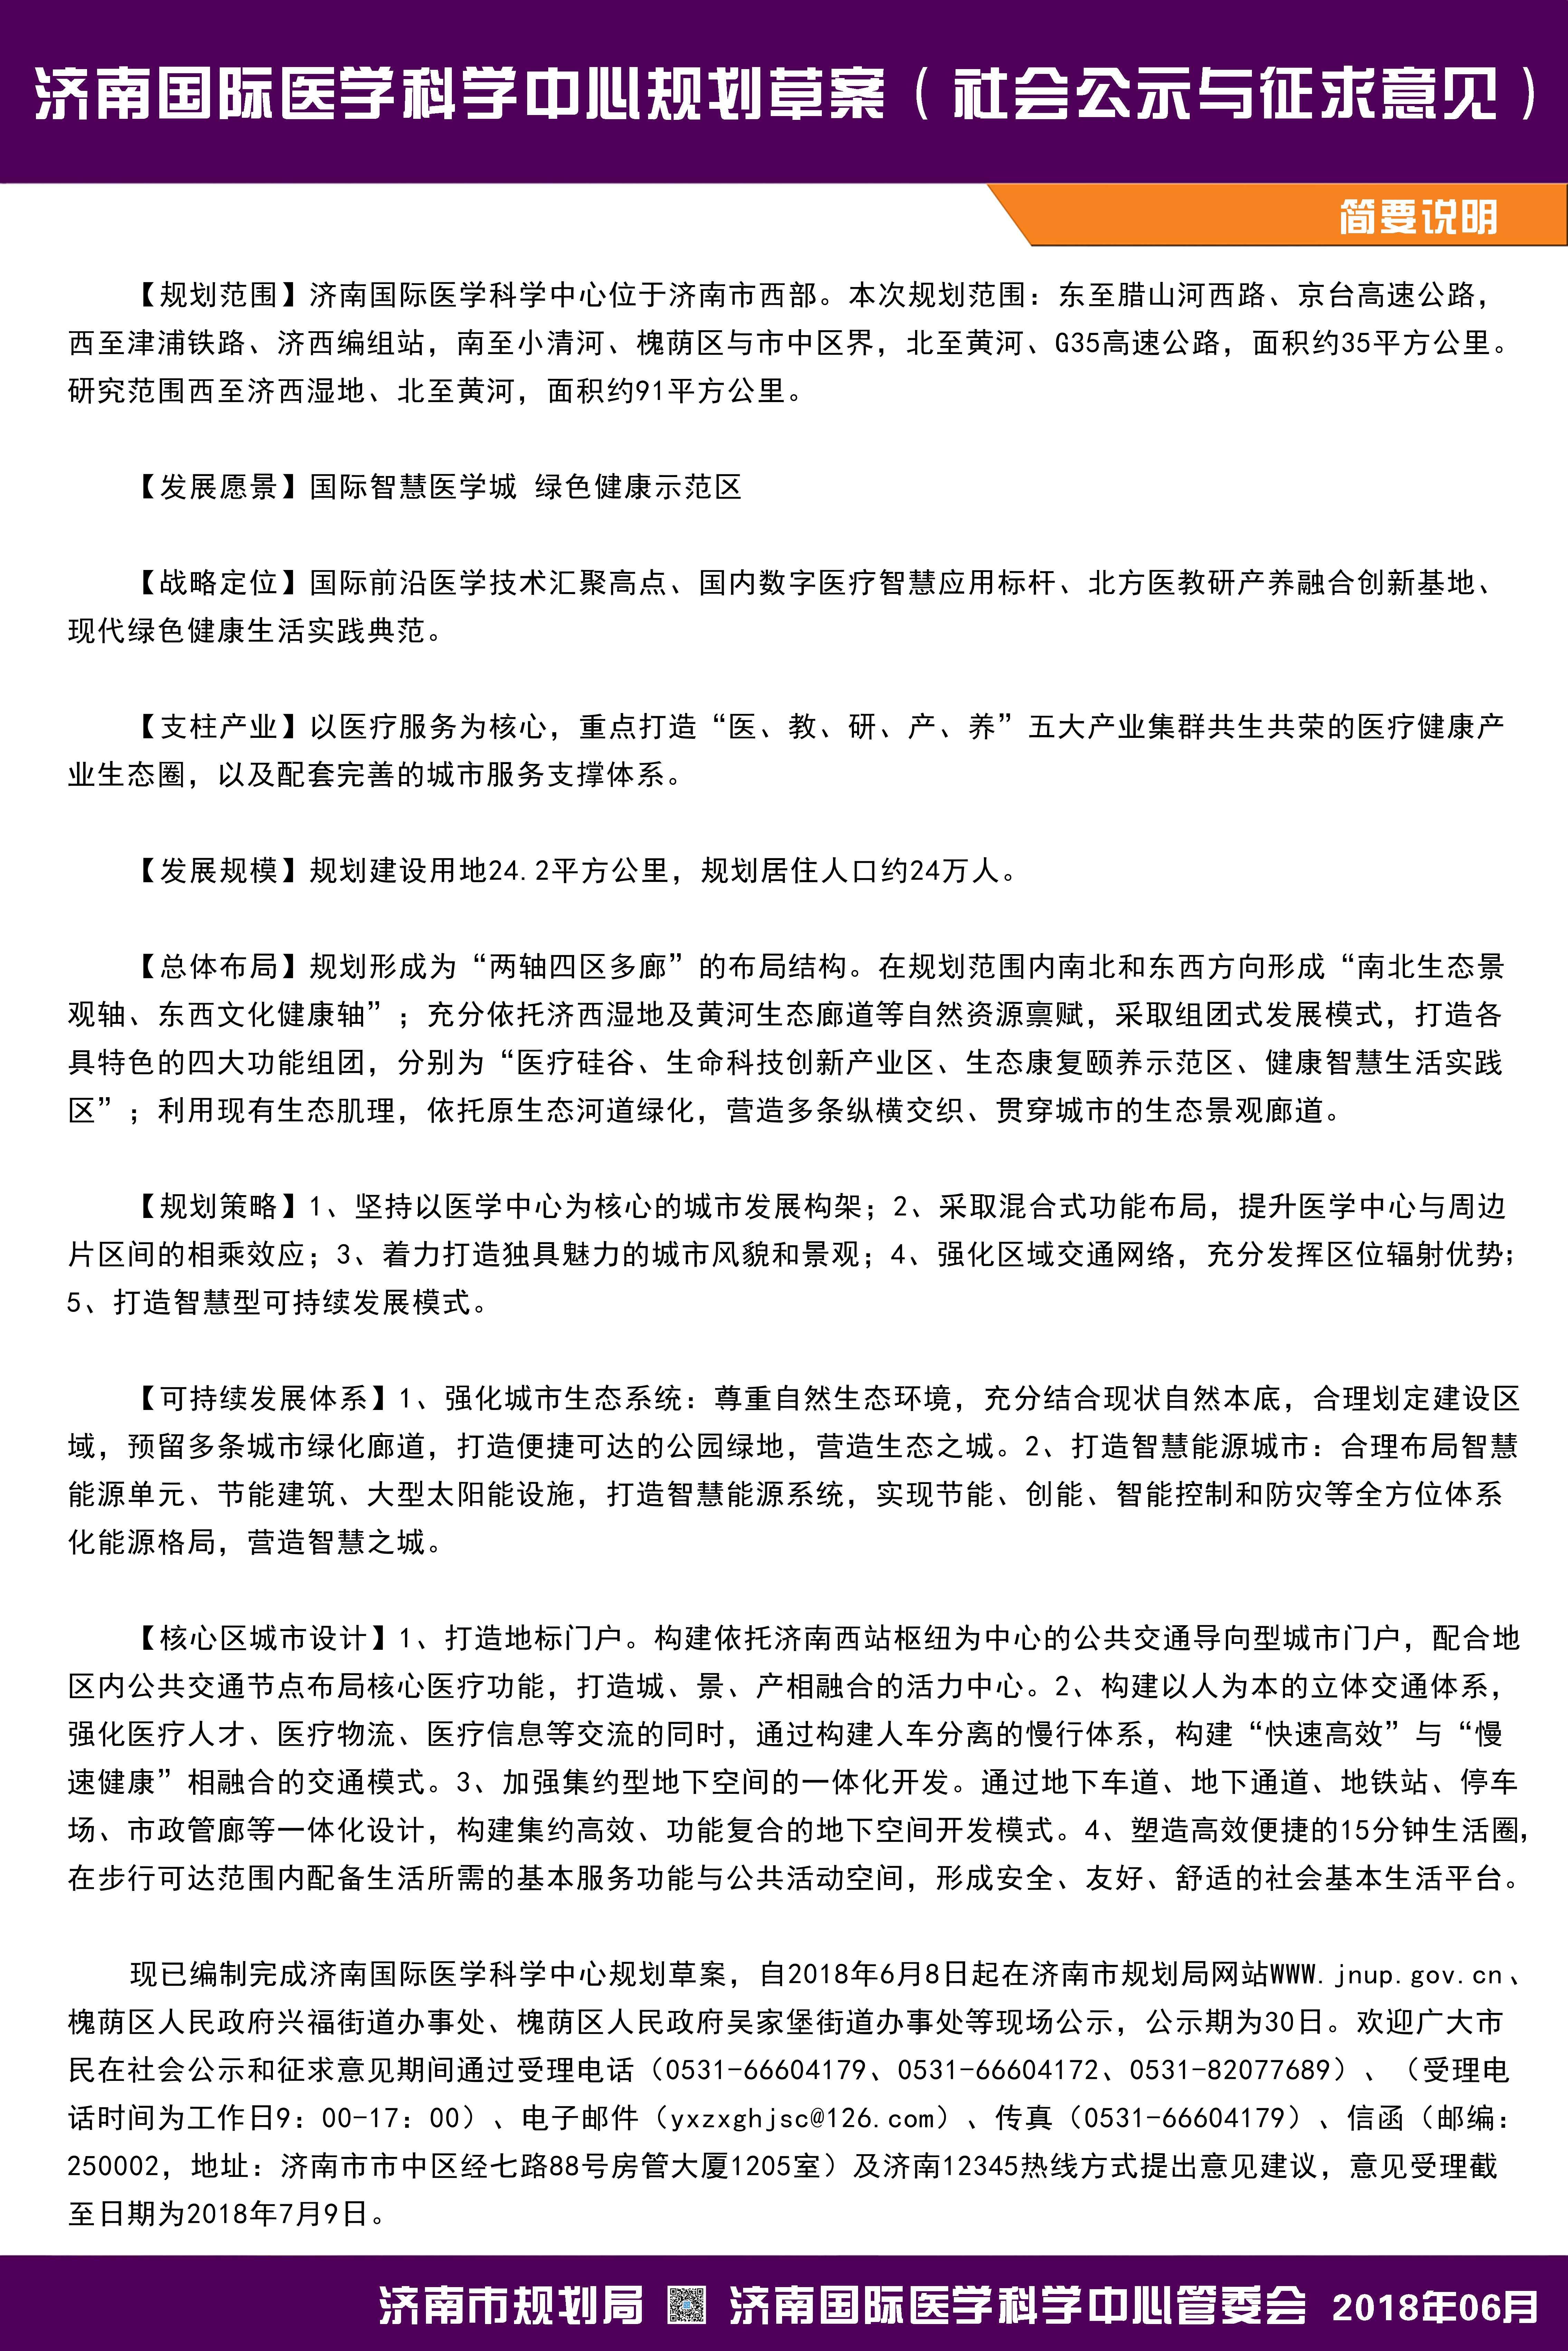 金沙国际网上娱乐平台:济南国际医学科学中心规划草案新鲜出炉,公示30天